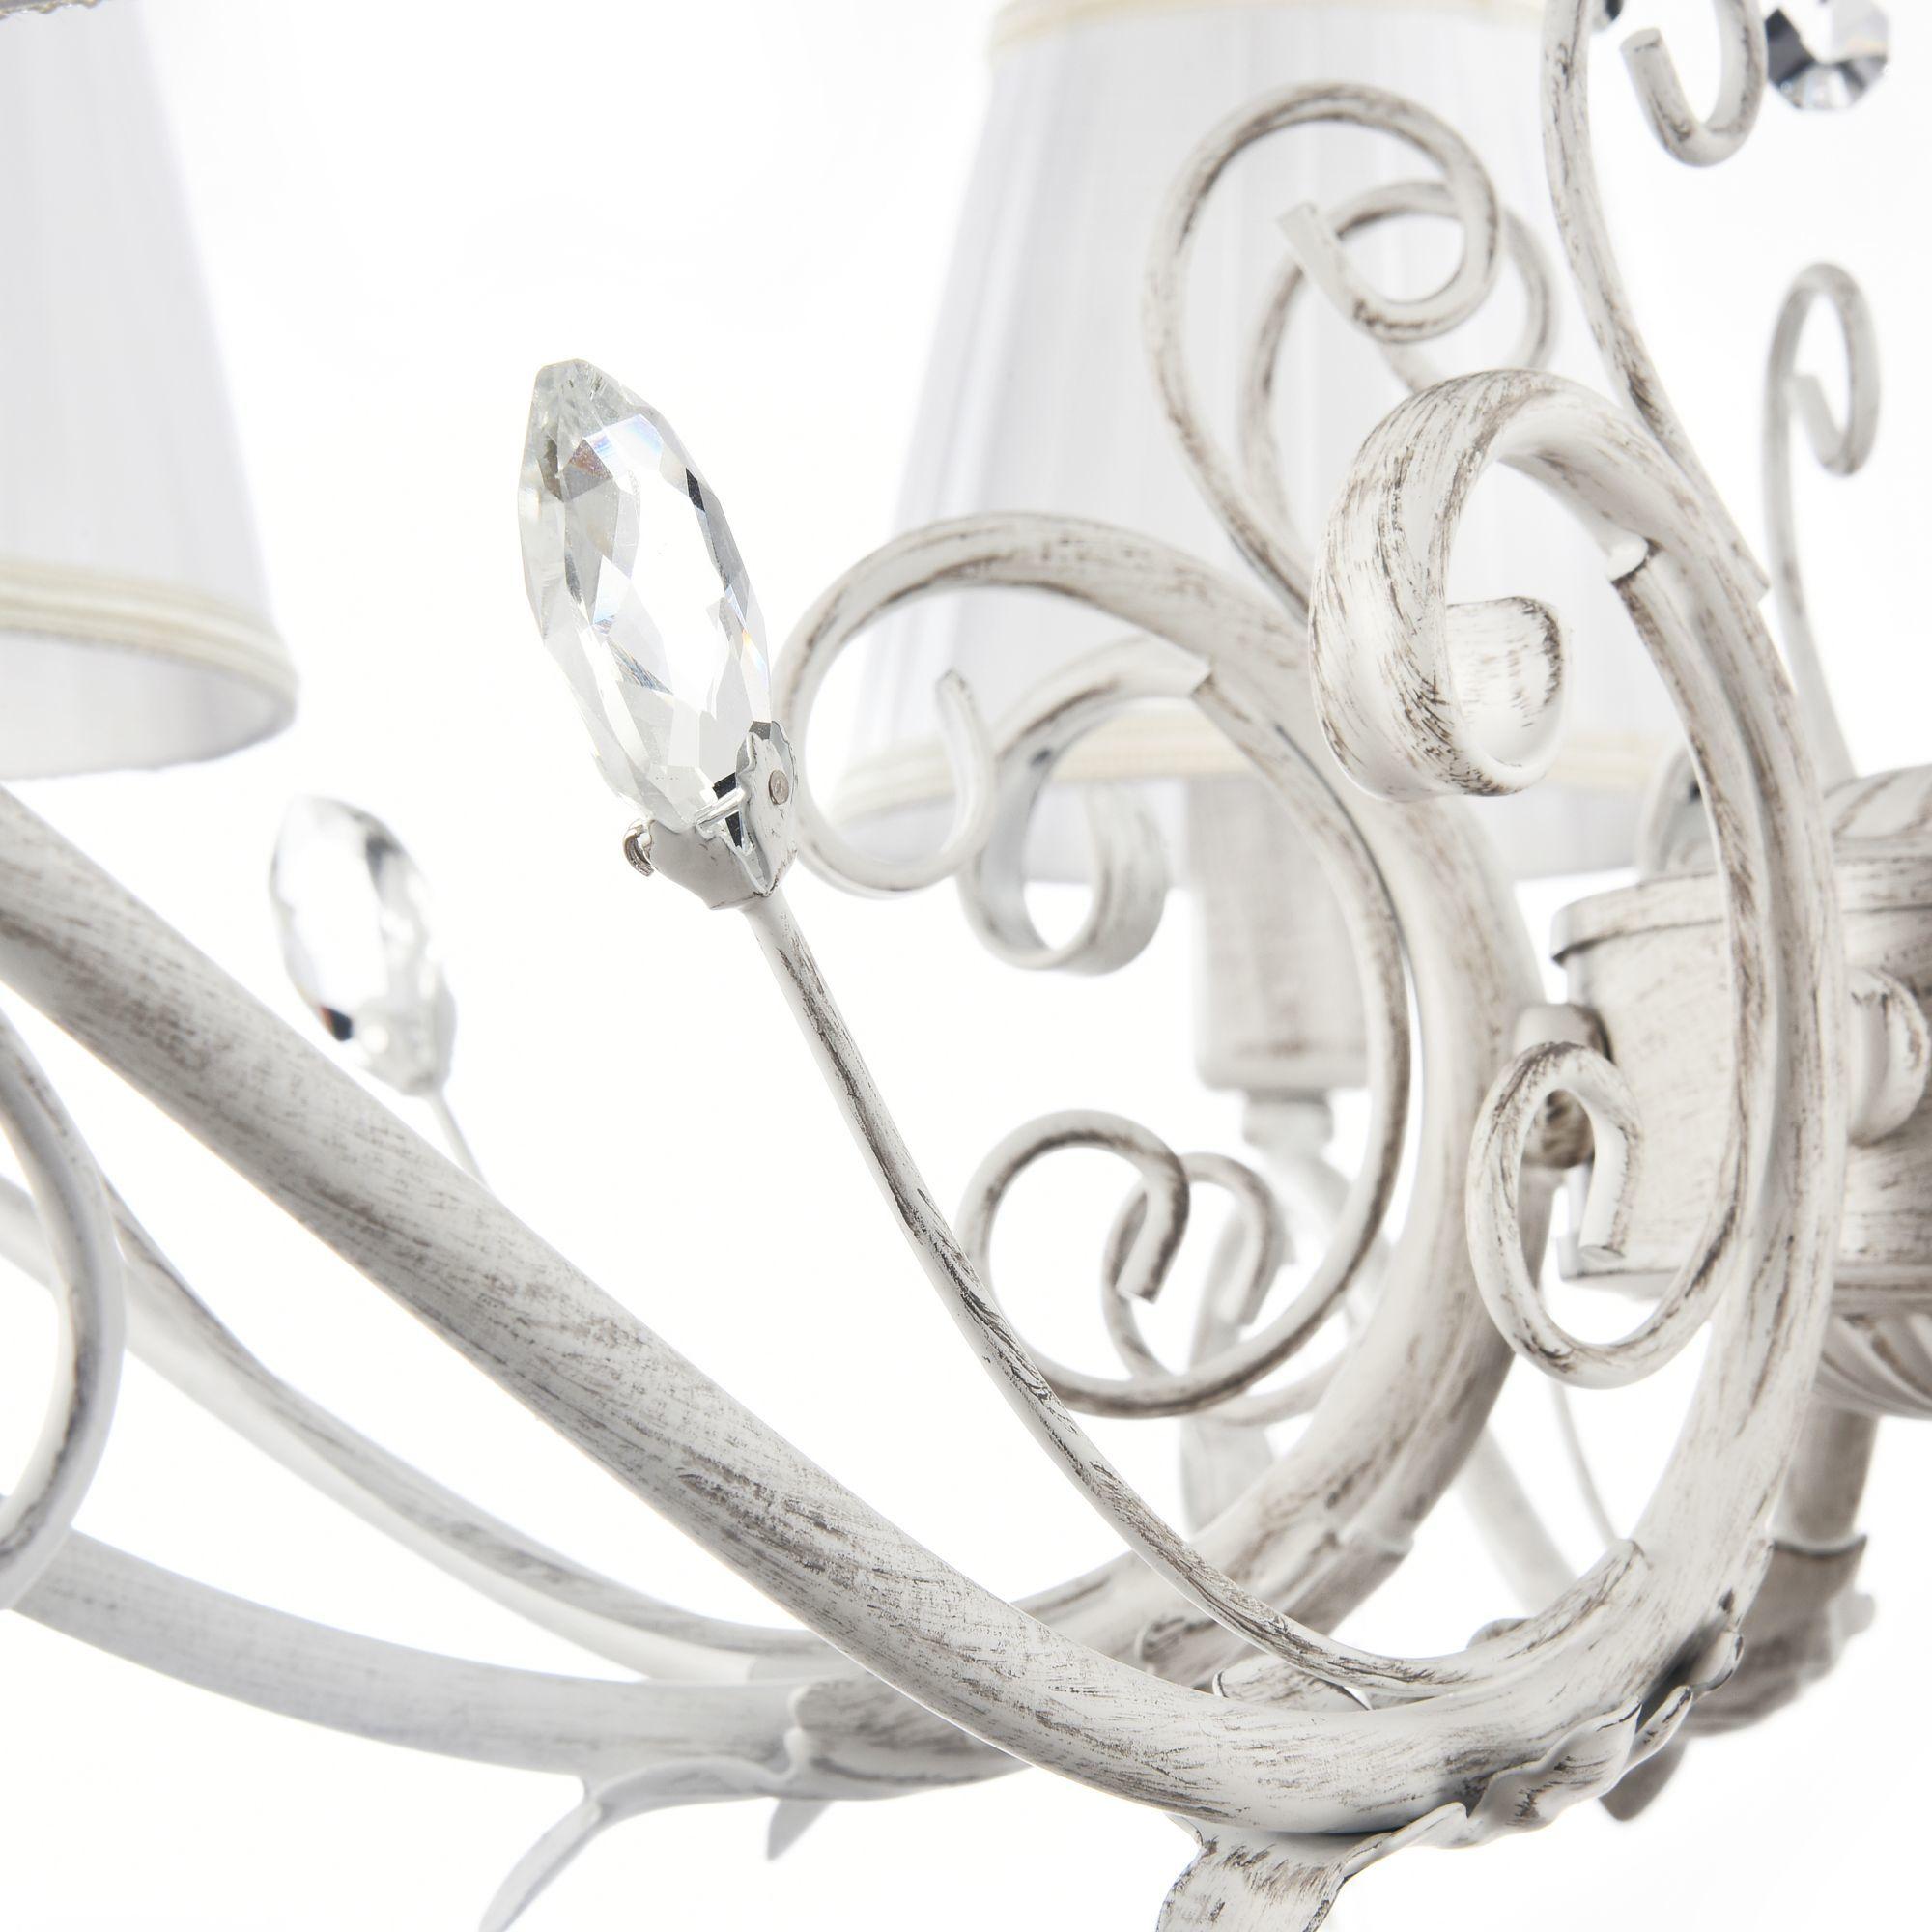 Подвесная люстра Freya Liviano FR2613-PL-08-W (FR613-08-WG), 8xE14x40W, белый с золотой патиной, белый, прозрачный, металл, текстиль, хрусталь - фото 7